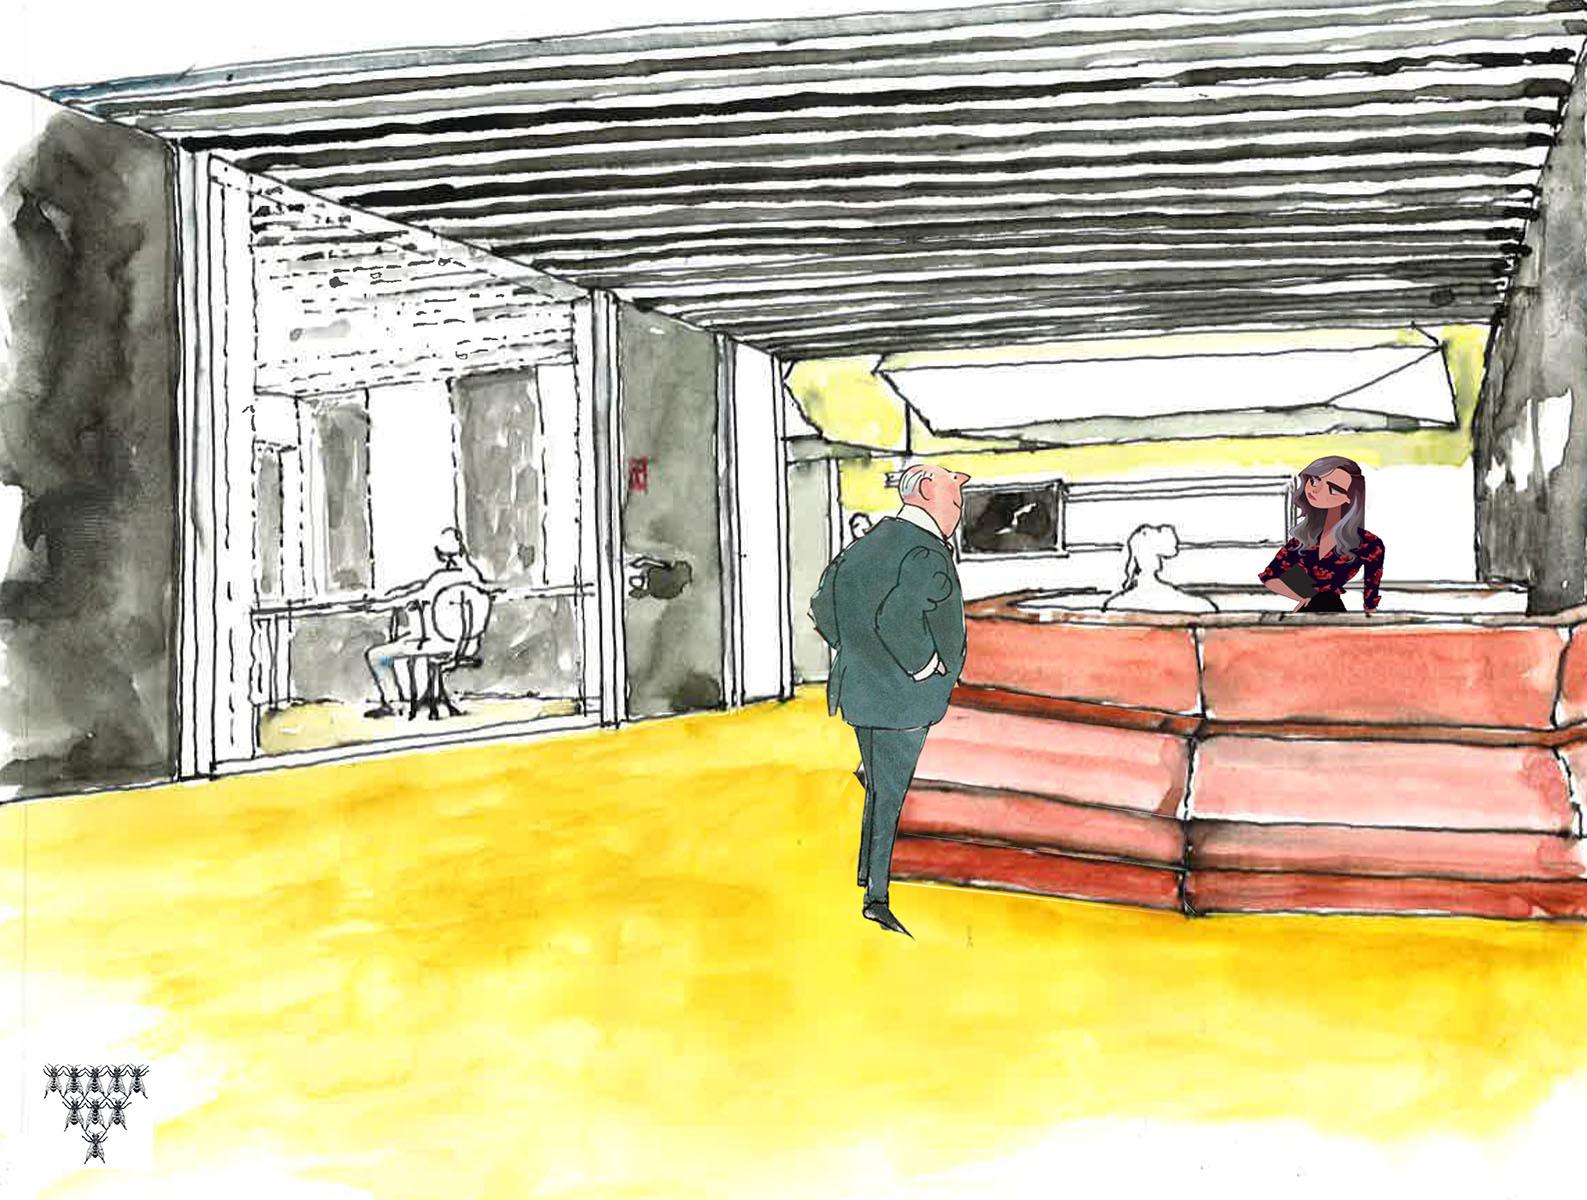 Croquis banque d'accueil showroom cloisons partena à Saint-Denis - conception Philippe Médioni architecte